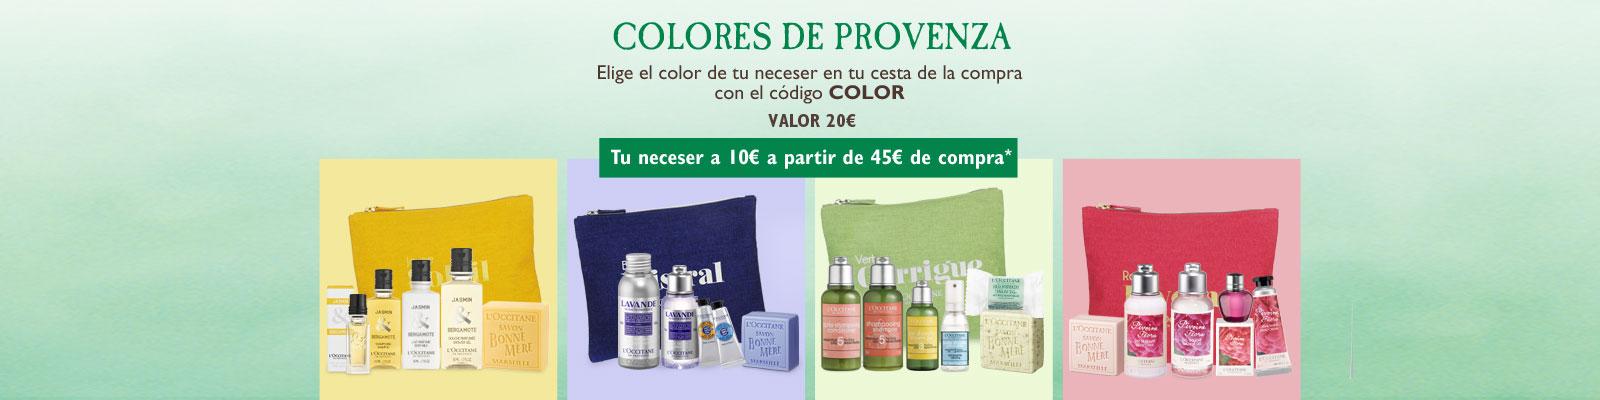 Colores de Provenza